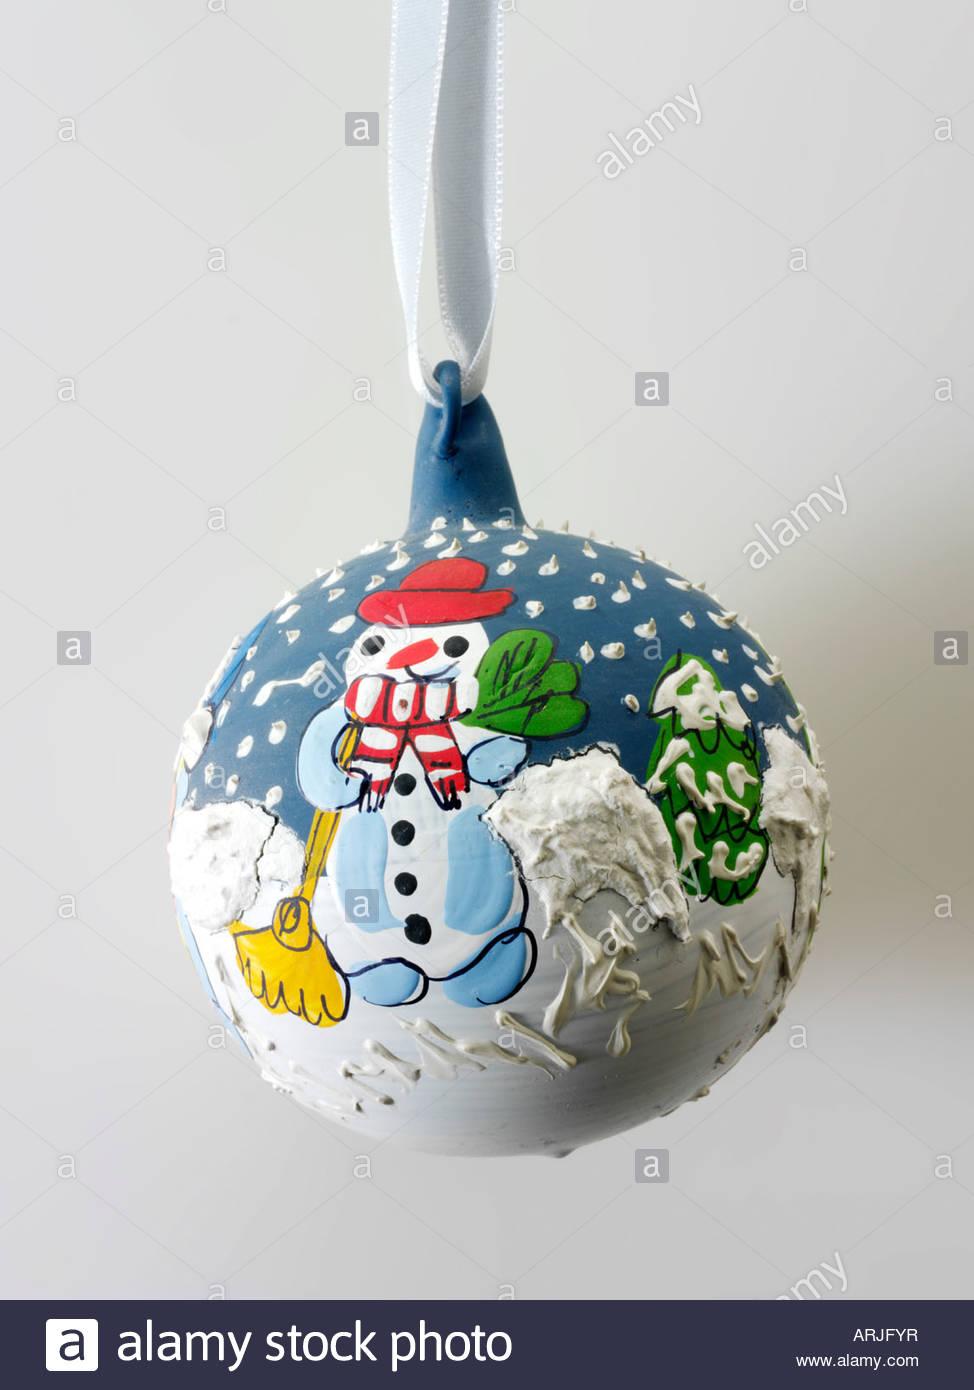 Fete De Noel Traditionnels Peints A La Main Decoration Babiole Avec Bonhomme En Bleu Et Blanc Et Arbre Vert Photo Stock Alamy